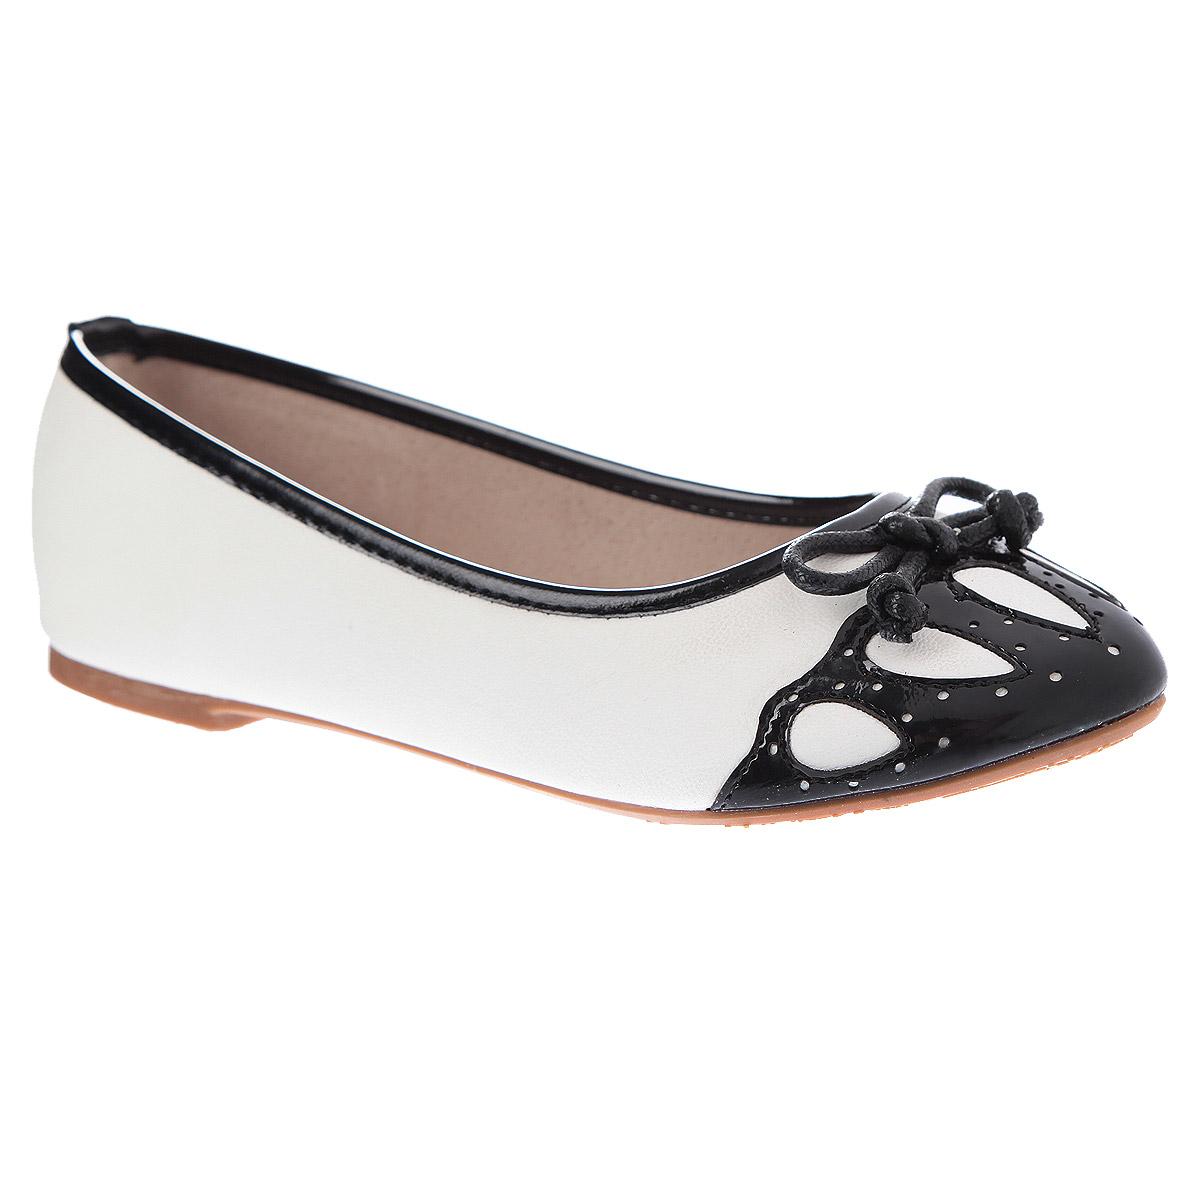 000350333Стильные балетки с запоминающимся дизайном придутся по вкусу юным модницам. Модель выполнена из высококачественной искусственной кожи с оригинально - ажурным оформленным мысом контрастного цвета, а также декоративным бантиком. Стелька из натуральной кожи дополнена супинатором с перфорацией, который обеспечивает правильное положение ноги ребенка при ходьбе, предотвращает плоскостопие. Рифленая поверхность подошвы защищает изделие от скольжения. Эти балетки созданы для истинных модниц!